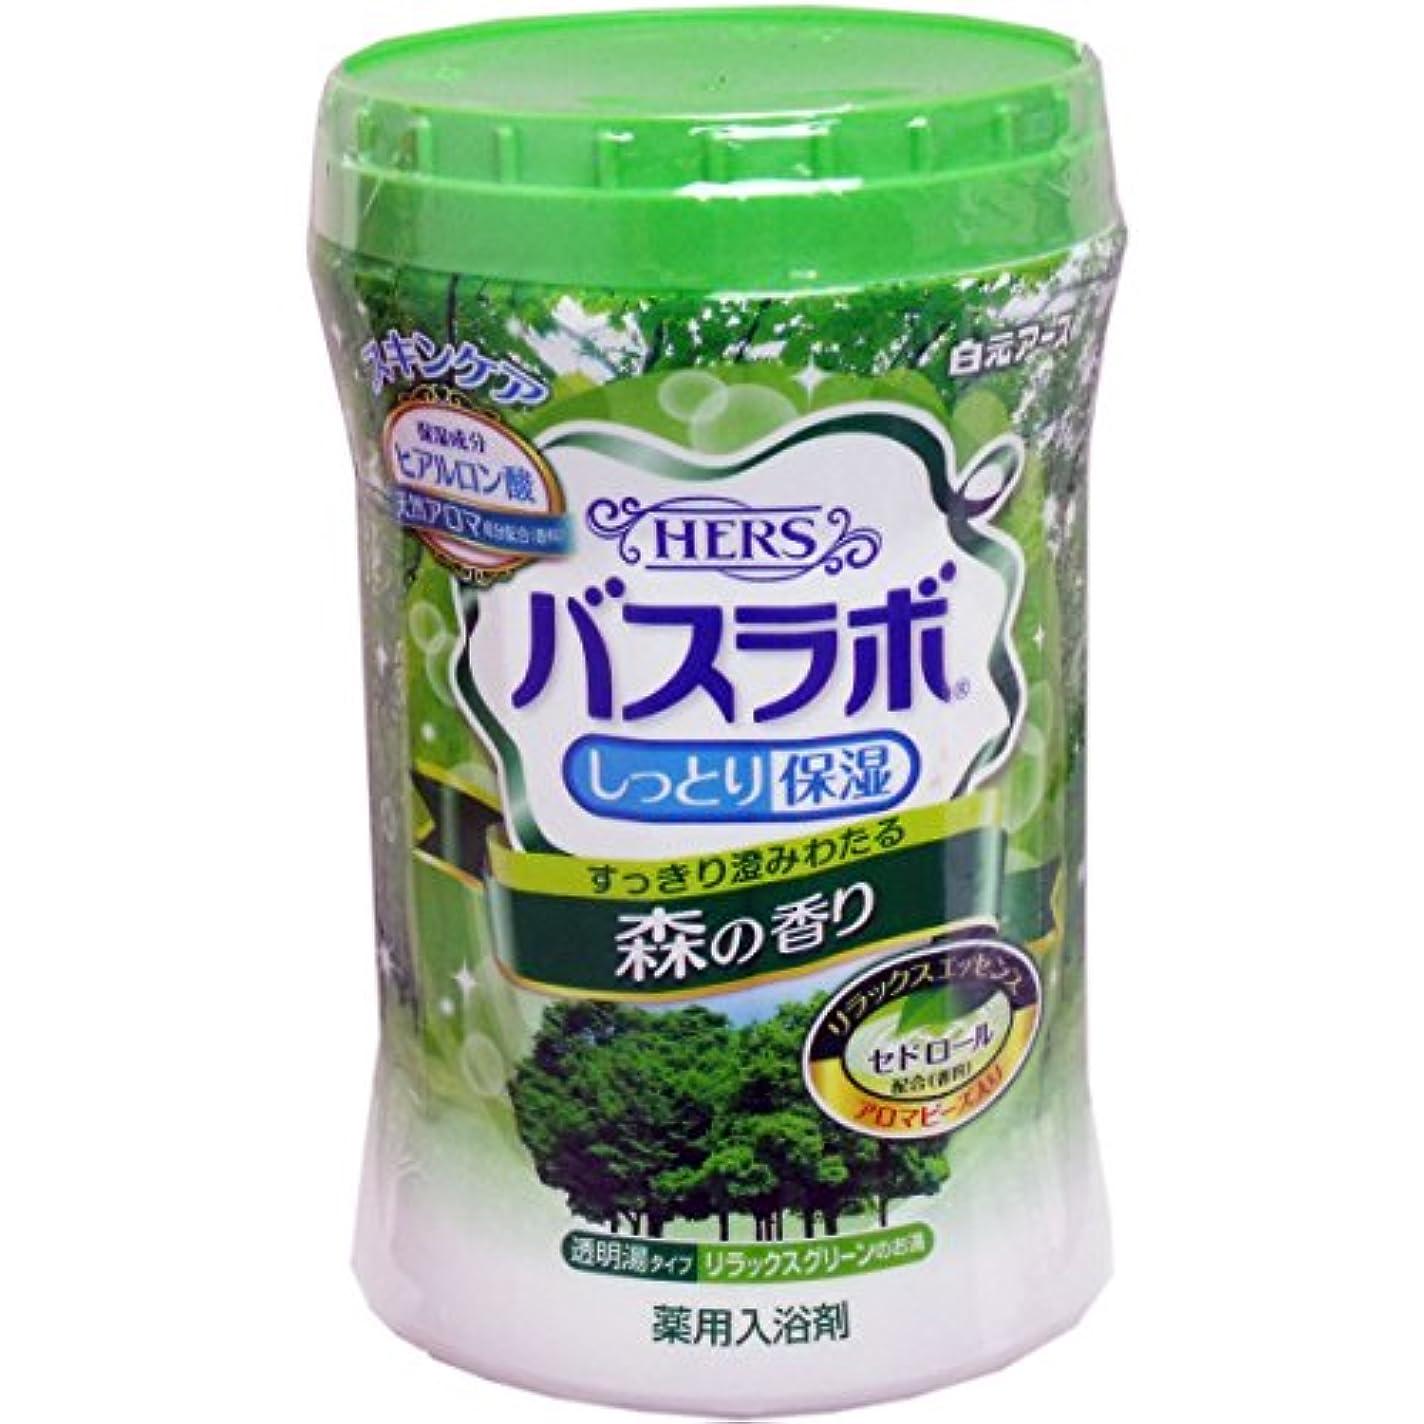 庭園ガチョウ変位白元 HERSバスラボ しっとり保湿 薬用入浴剤 森の香り 680g [医薬部外品]